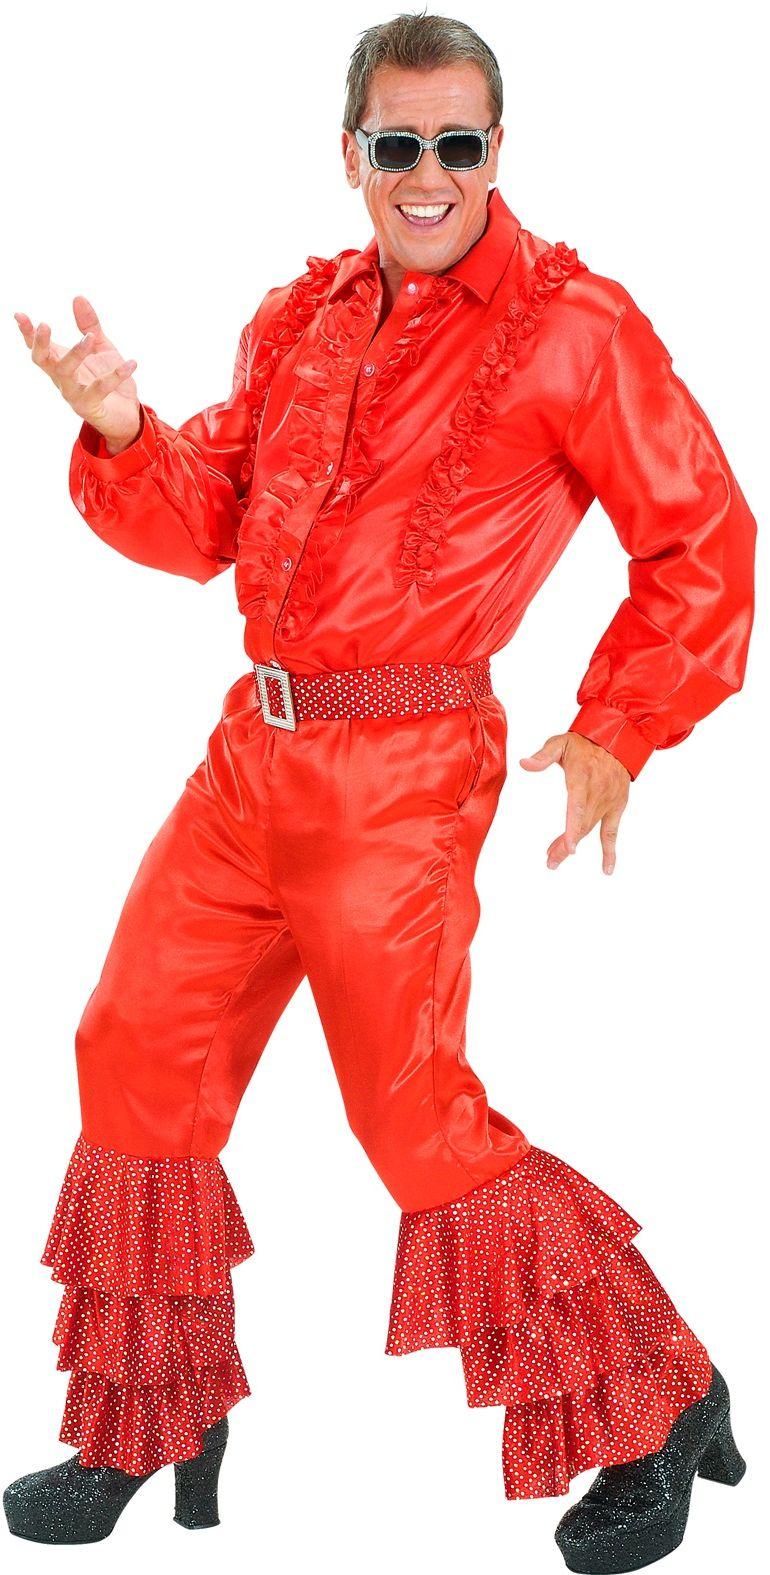 Rode fluwelen broek met pailletten